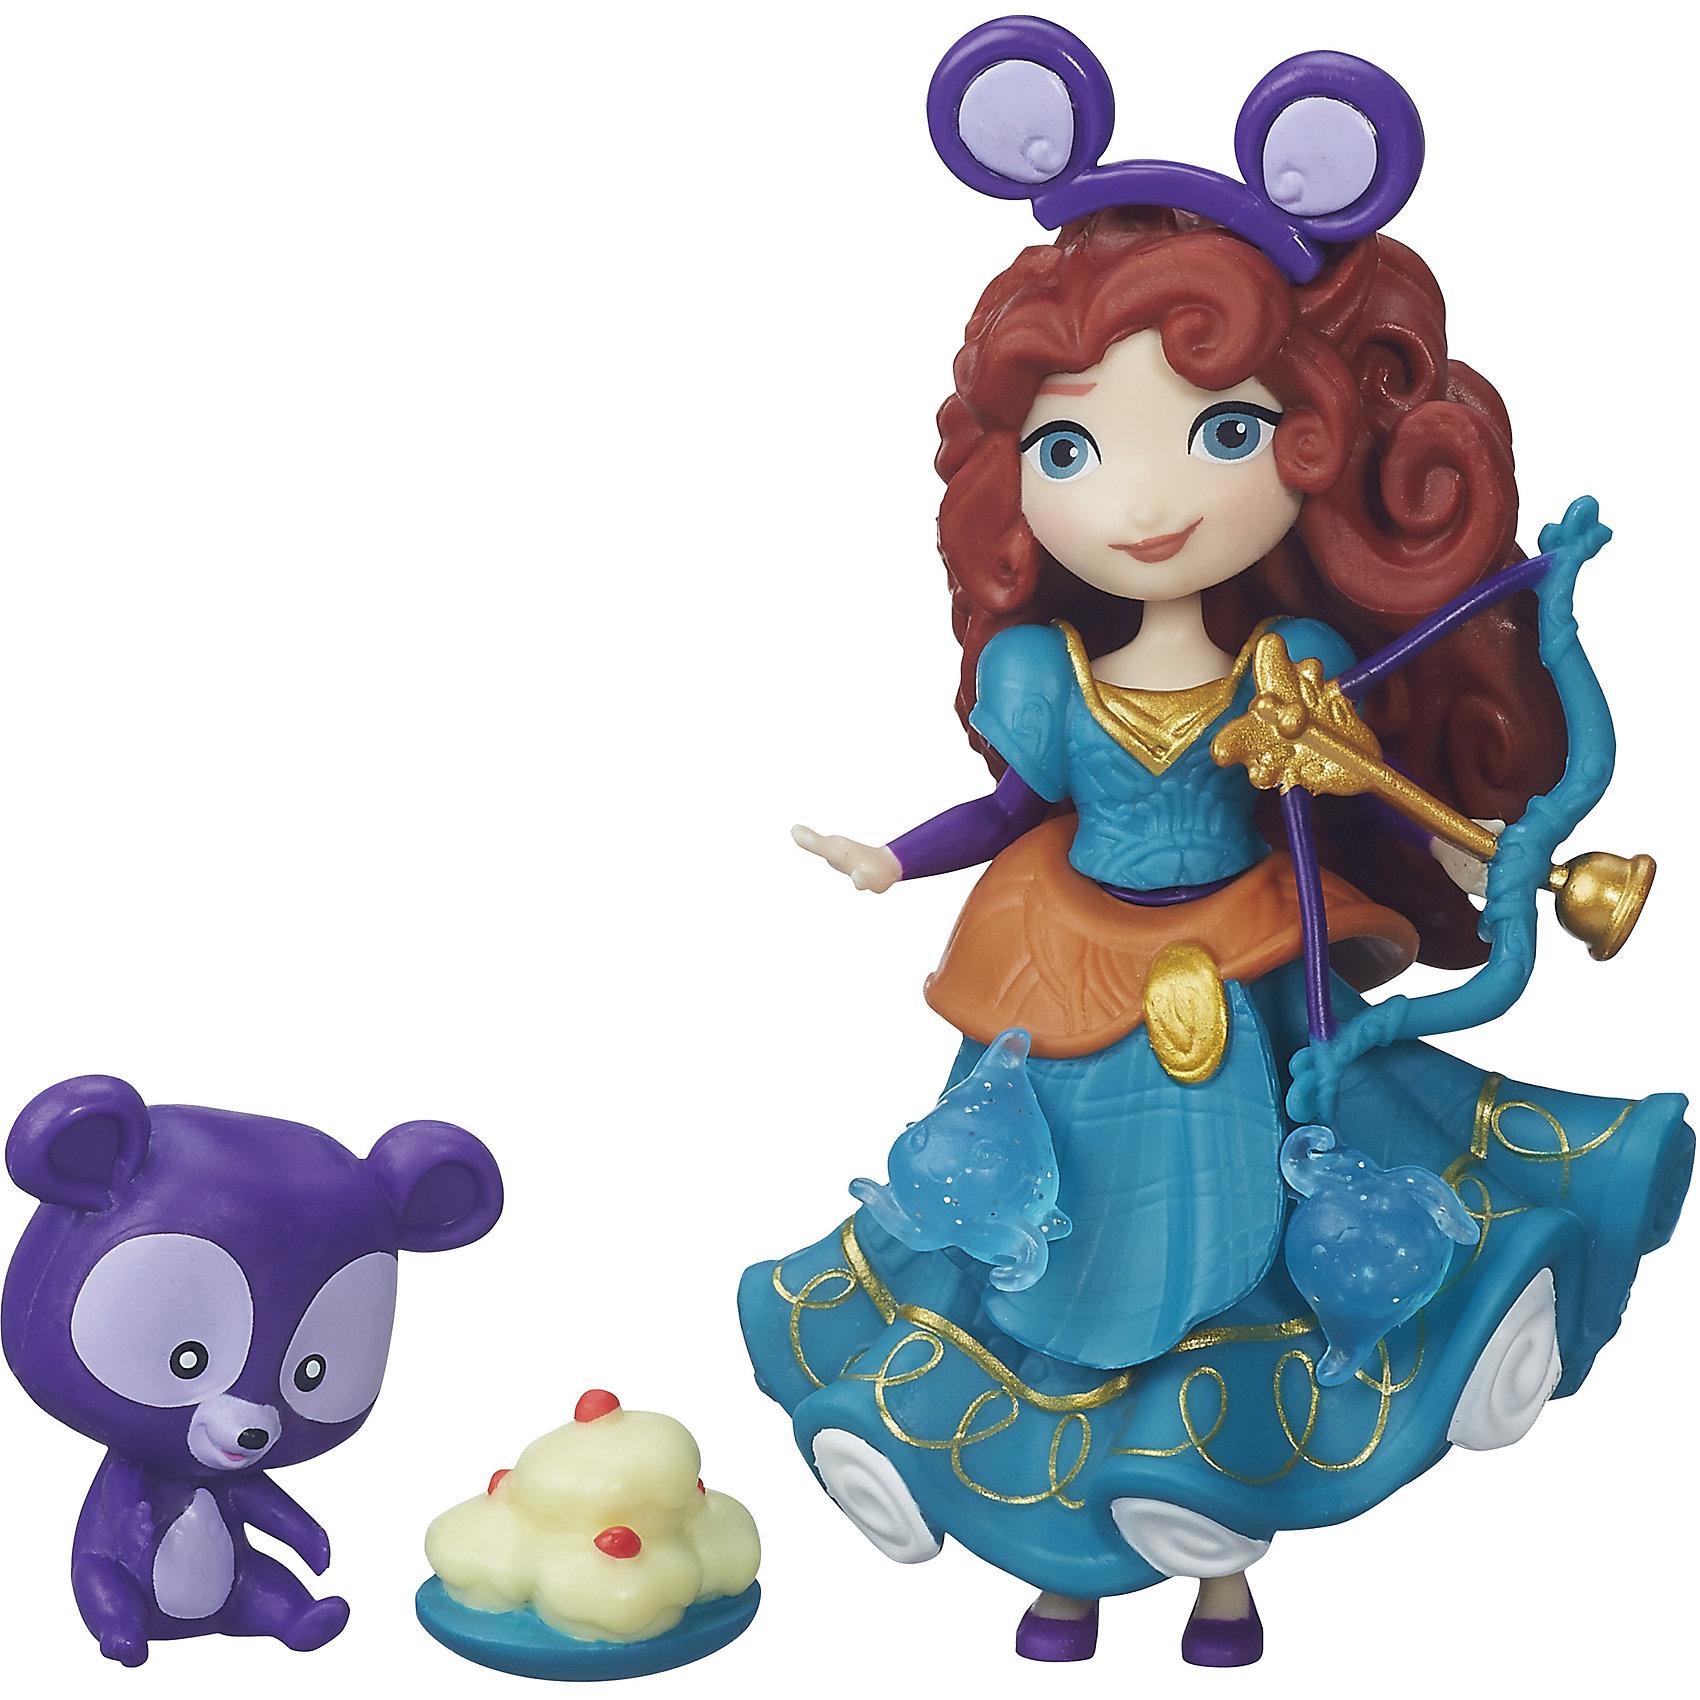 Игровой набор Маленькая кукла Принцесса и ее друг Мерида и медвежонок, B5331/B5332Игровой набор Маленькая кукла Принцесса и ее друг, B5331/B5332.<br><br>Характеристики:<br><br>- В наборе: кукла Мерида; фигурка медвежонка; сладости; лук и стрелы; 3 украшения<br>- Материал: высококачественный пластик<br>- Высота куклы: 7,62 см.<br>- Размер упаковки: 3,8х15,2х15,2 см.<br>- Вес упаковки: 79 г.<br><br>В миниатюрный игровой набор Маленькая кукла Принцесса и ее друг входит фигурка принцессы Мериды, ее питомец медвежонок, а также различные аксессуары и небольшие детали-украшения, которыми можно декорировать платье принцессы. Для этого в платье предусмотрены специальные отверстия. У Мериды много хлопот ее очаровательный питомец, как все медвежата, очень любит сладкое! Выводя его на прогулку и охоту, малышке придется следить, чтобы медвежонок не ухватил сладости и не начал с ними играть, положив на брюшко. Мерида может взять лук и стрелы и устроить себе и медвежонку незабываемое приключение. В том, чтобы приключение было интересным, ей понадобится помощь маленькой хозяйки, что позволит девочке проявить фантазию. Кукла может стоять и сидеть<br><br>Игровой набор Маленькая кукла Принцесса и ее друг, B5331/B5332 можно купить в нашем интернет-магазине.<br><br>Ширина мм: 38<br>Глубина мм: 150<br>Высота мм: 490<br>Вес г: 91<br>Возраст от месяцев: 48<br>Возраст до месяцев: 96<br>Пол: Женский<br>Возраст: Детский<br>SKU: 5064705